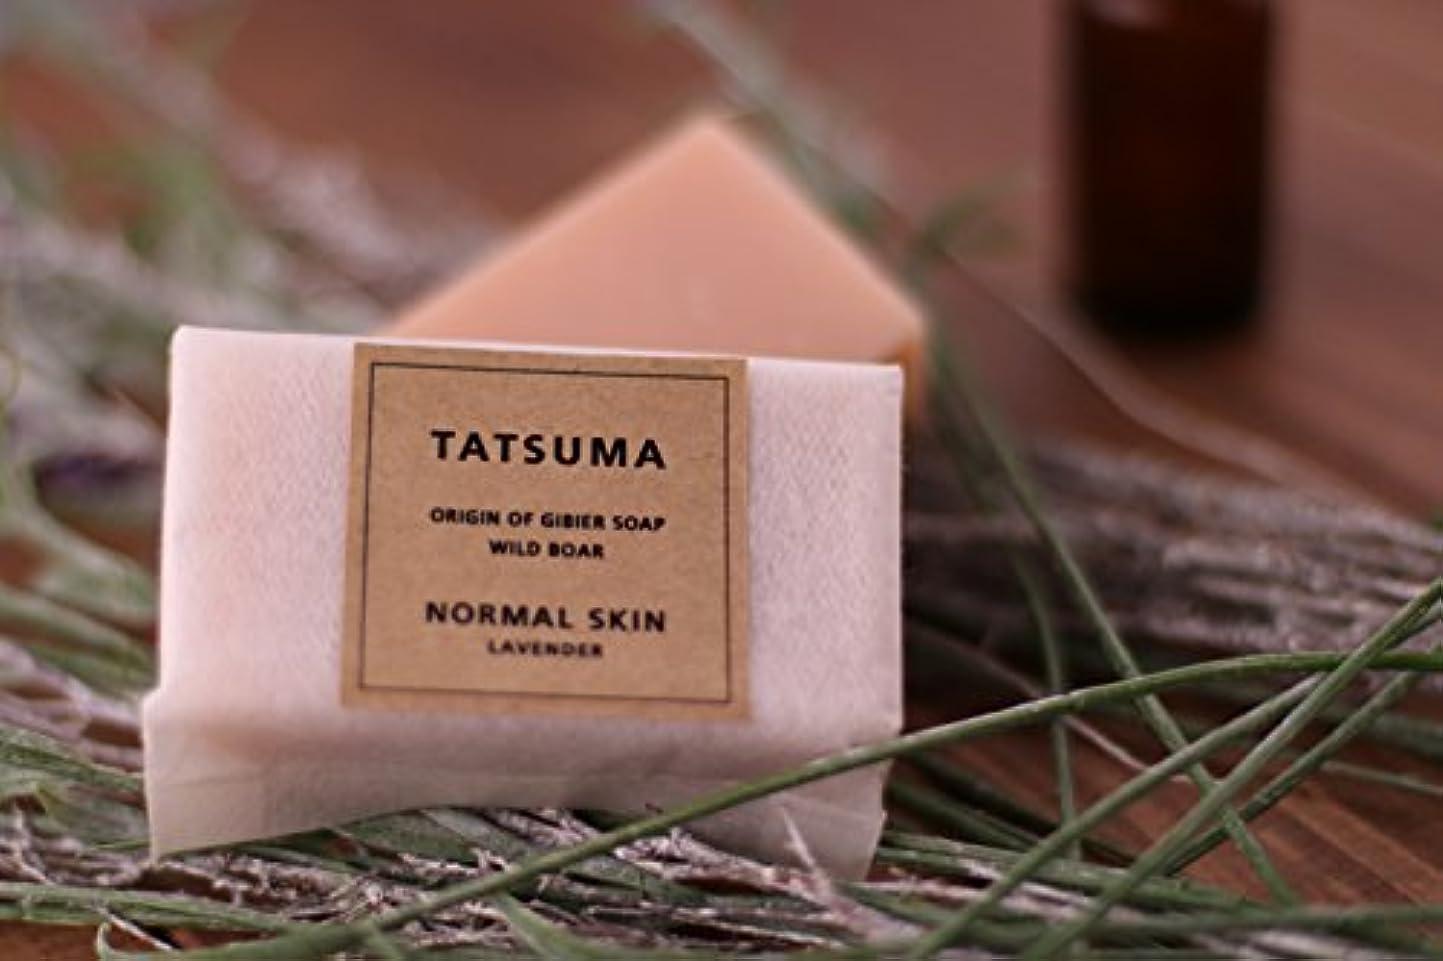 小切手階段理想的たつま石鹸21(化粧石鹸) 非加熱製法 | TATSUMA NORMAL SKIN LAVENDER